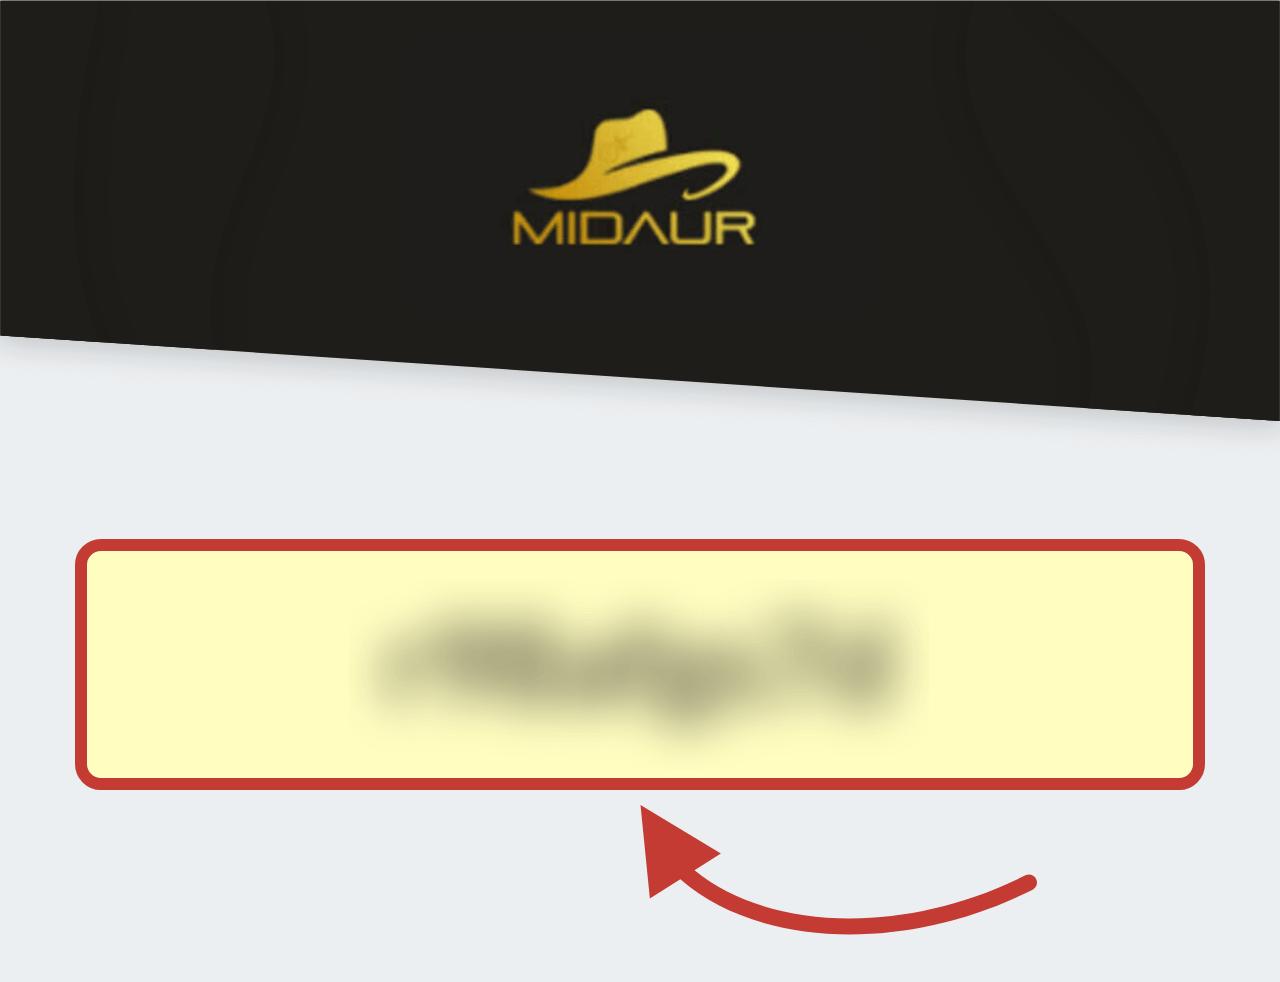 Midaur Casino Promo Code